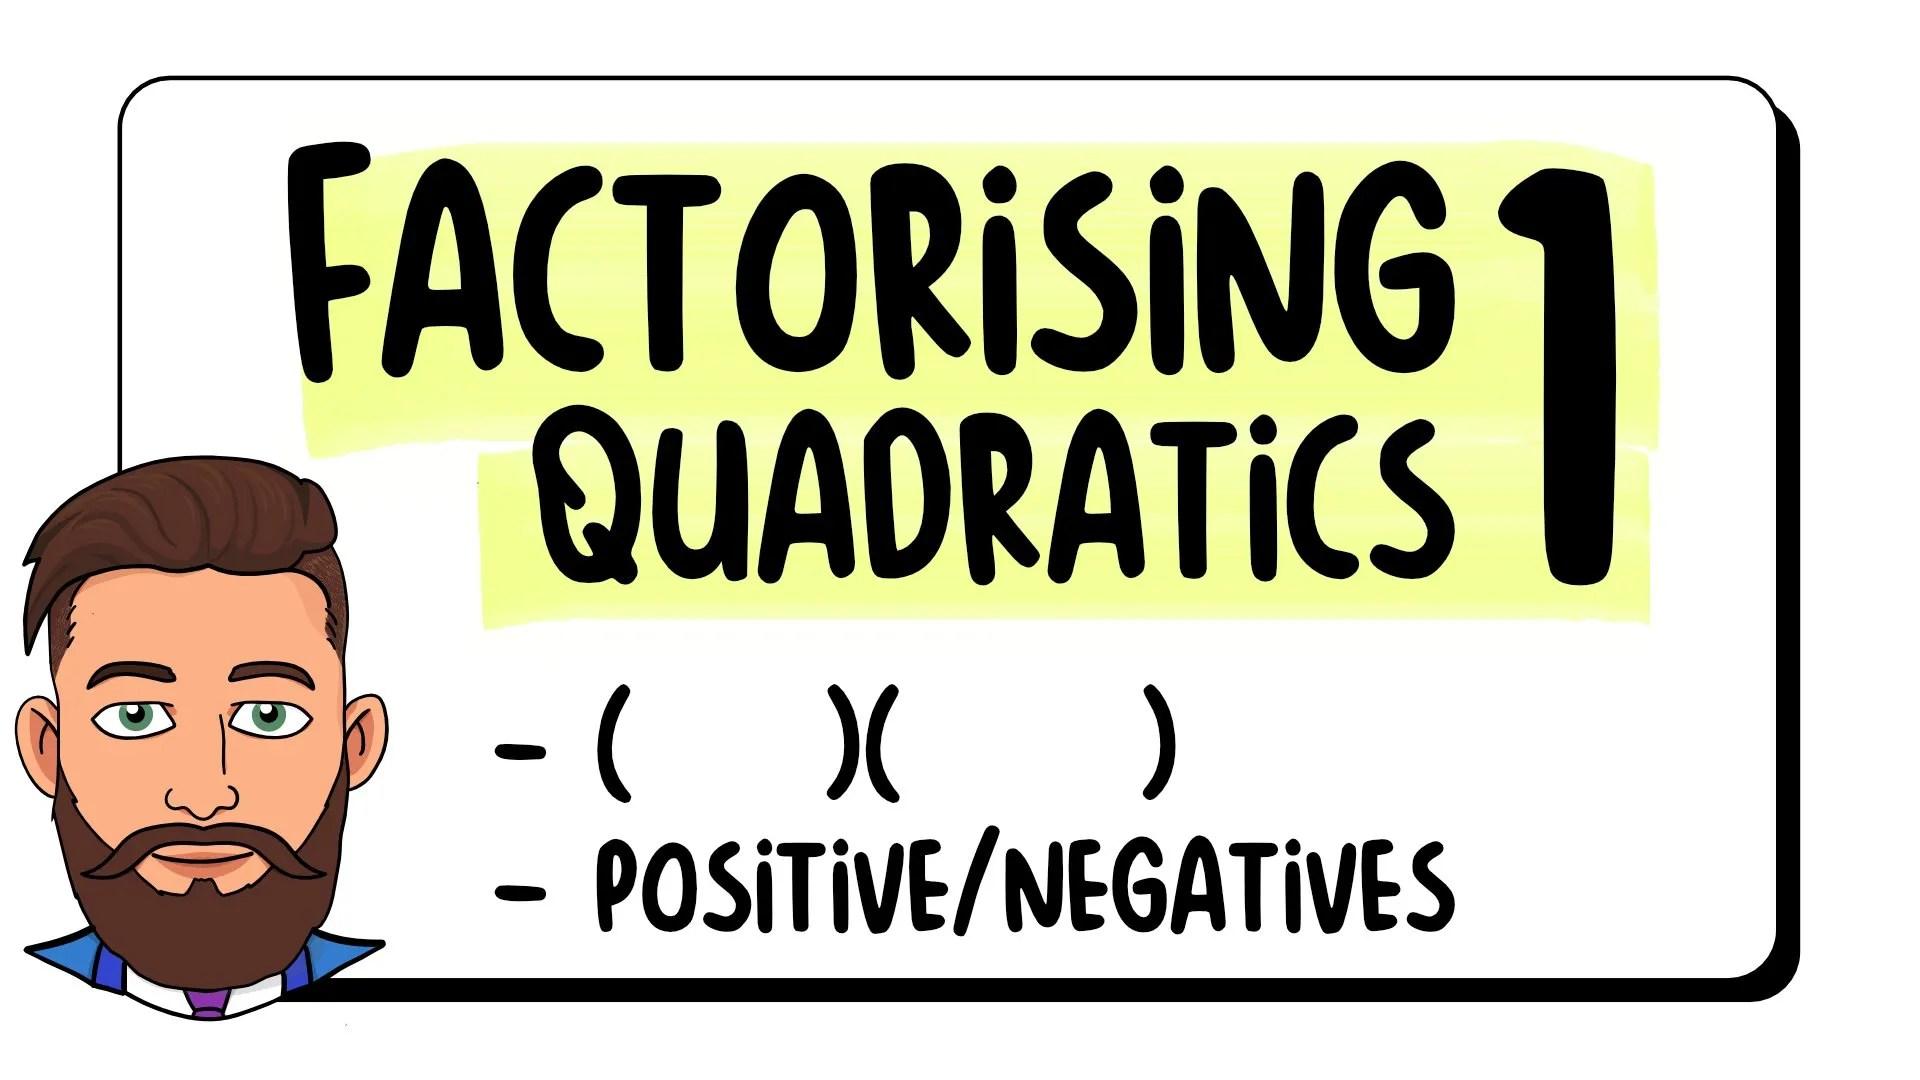 Factorising Quadratics 1